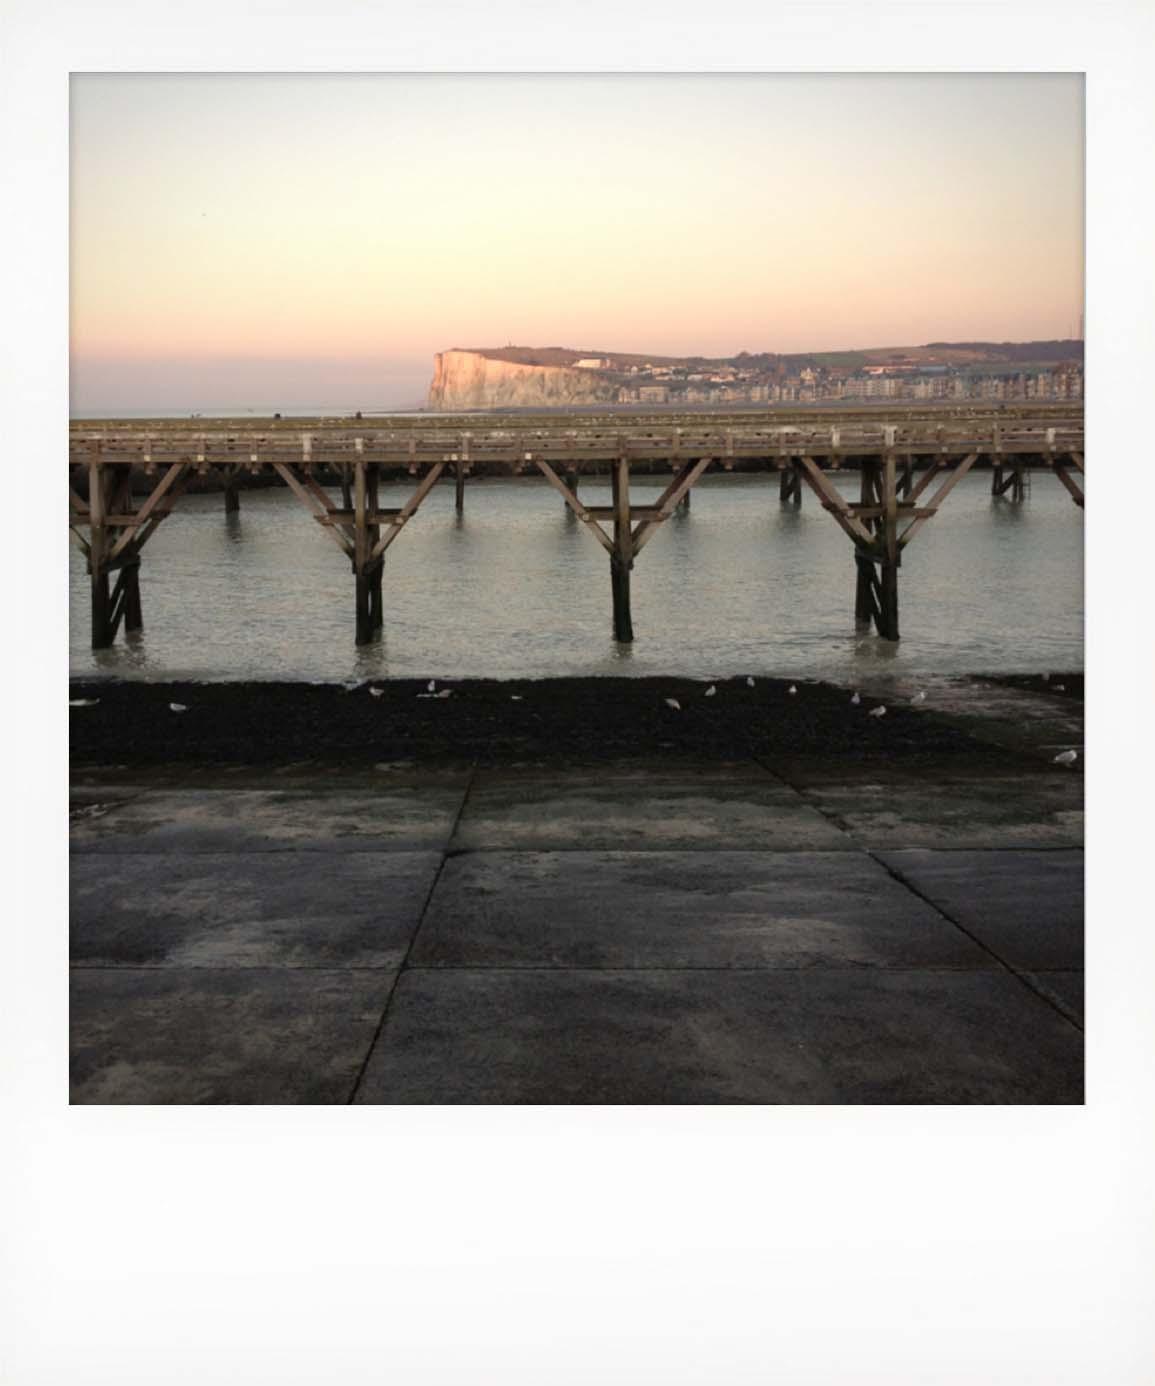 Vues_sur_mer#2_12